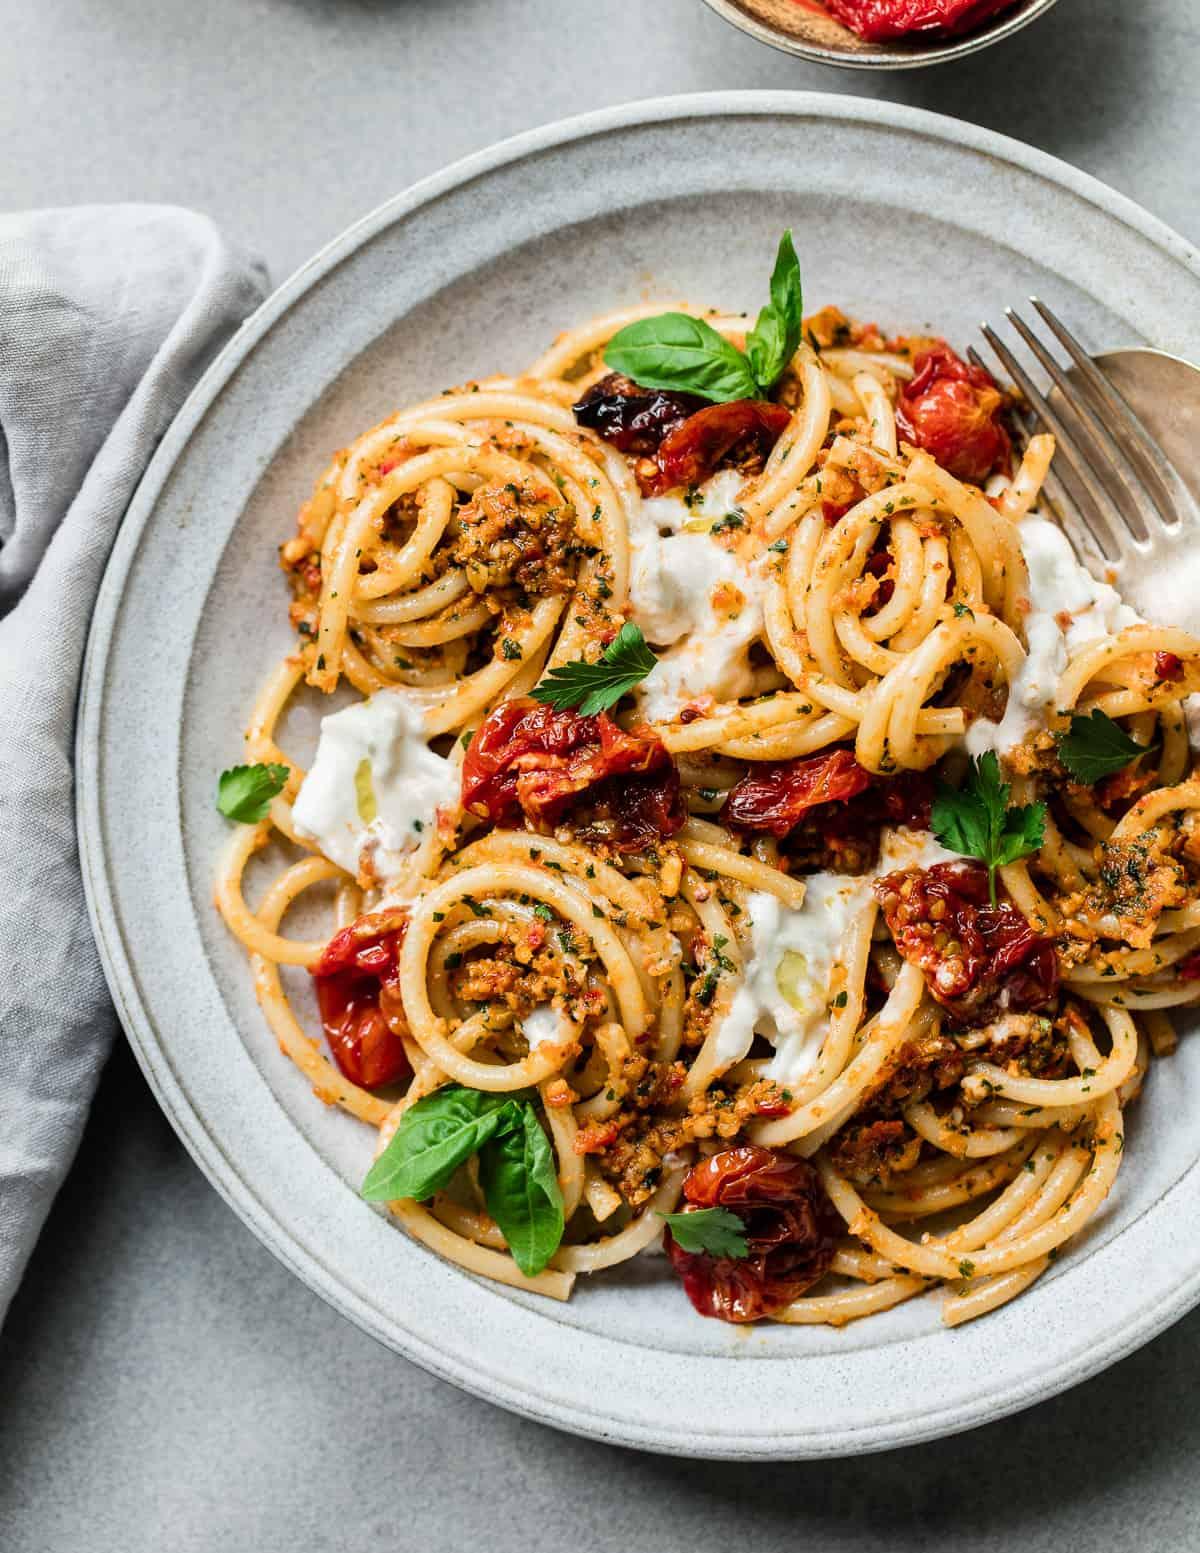 Bucatini Pasta with Sicilian Tomato Almond Pesto and Burrata Cheese